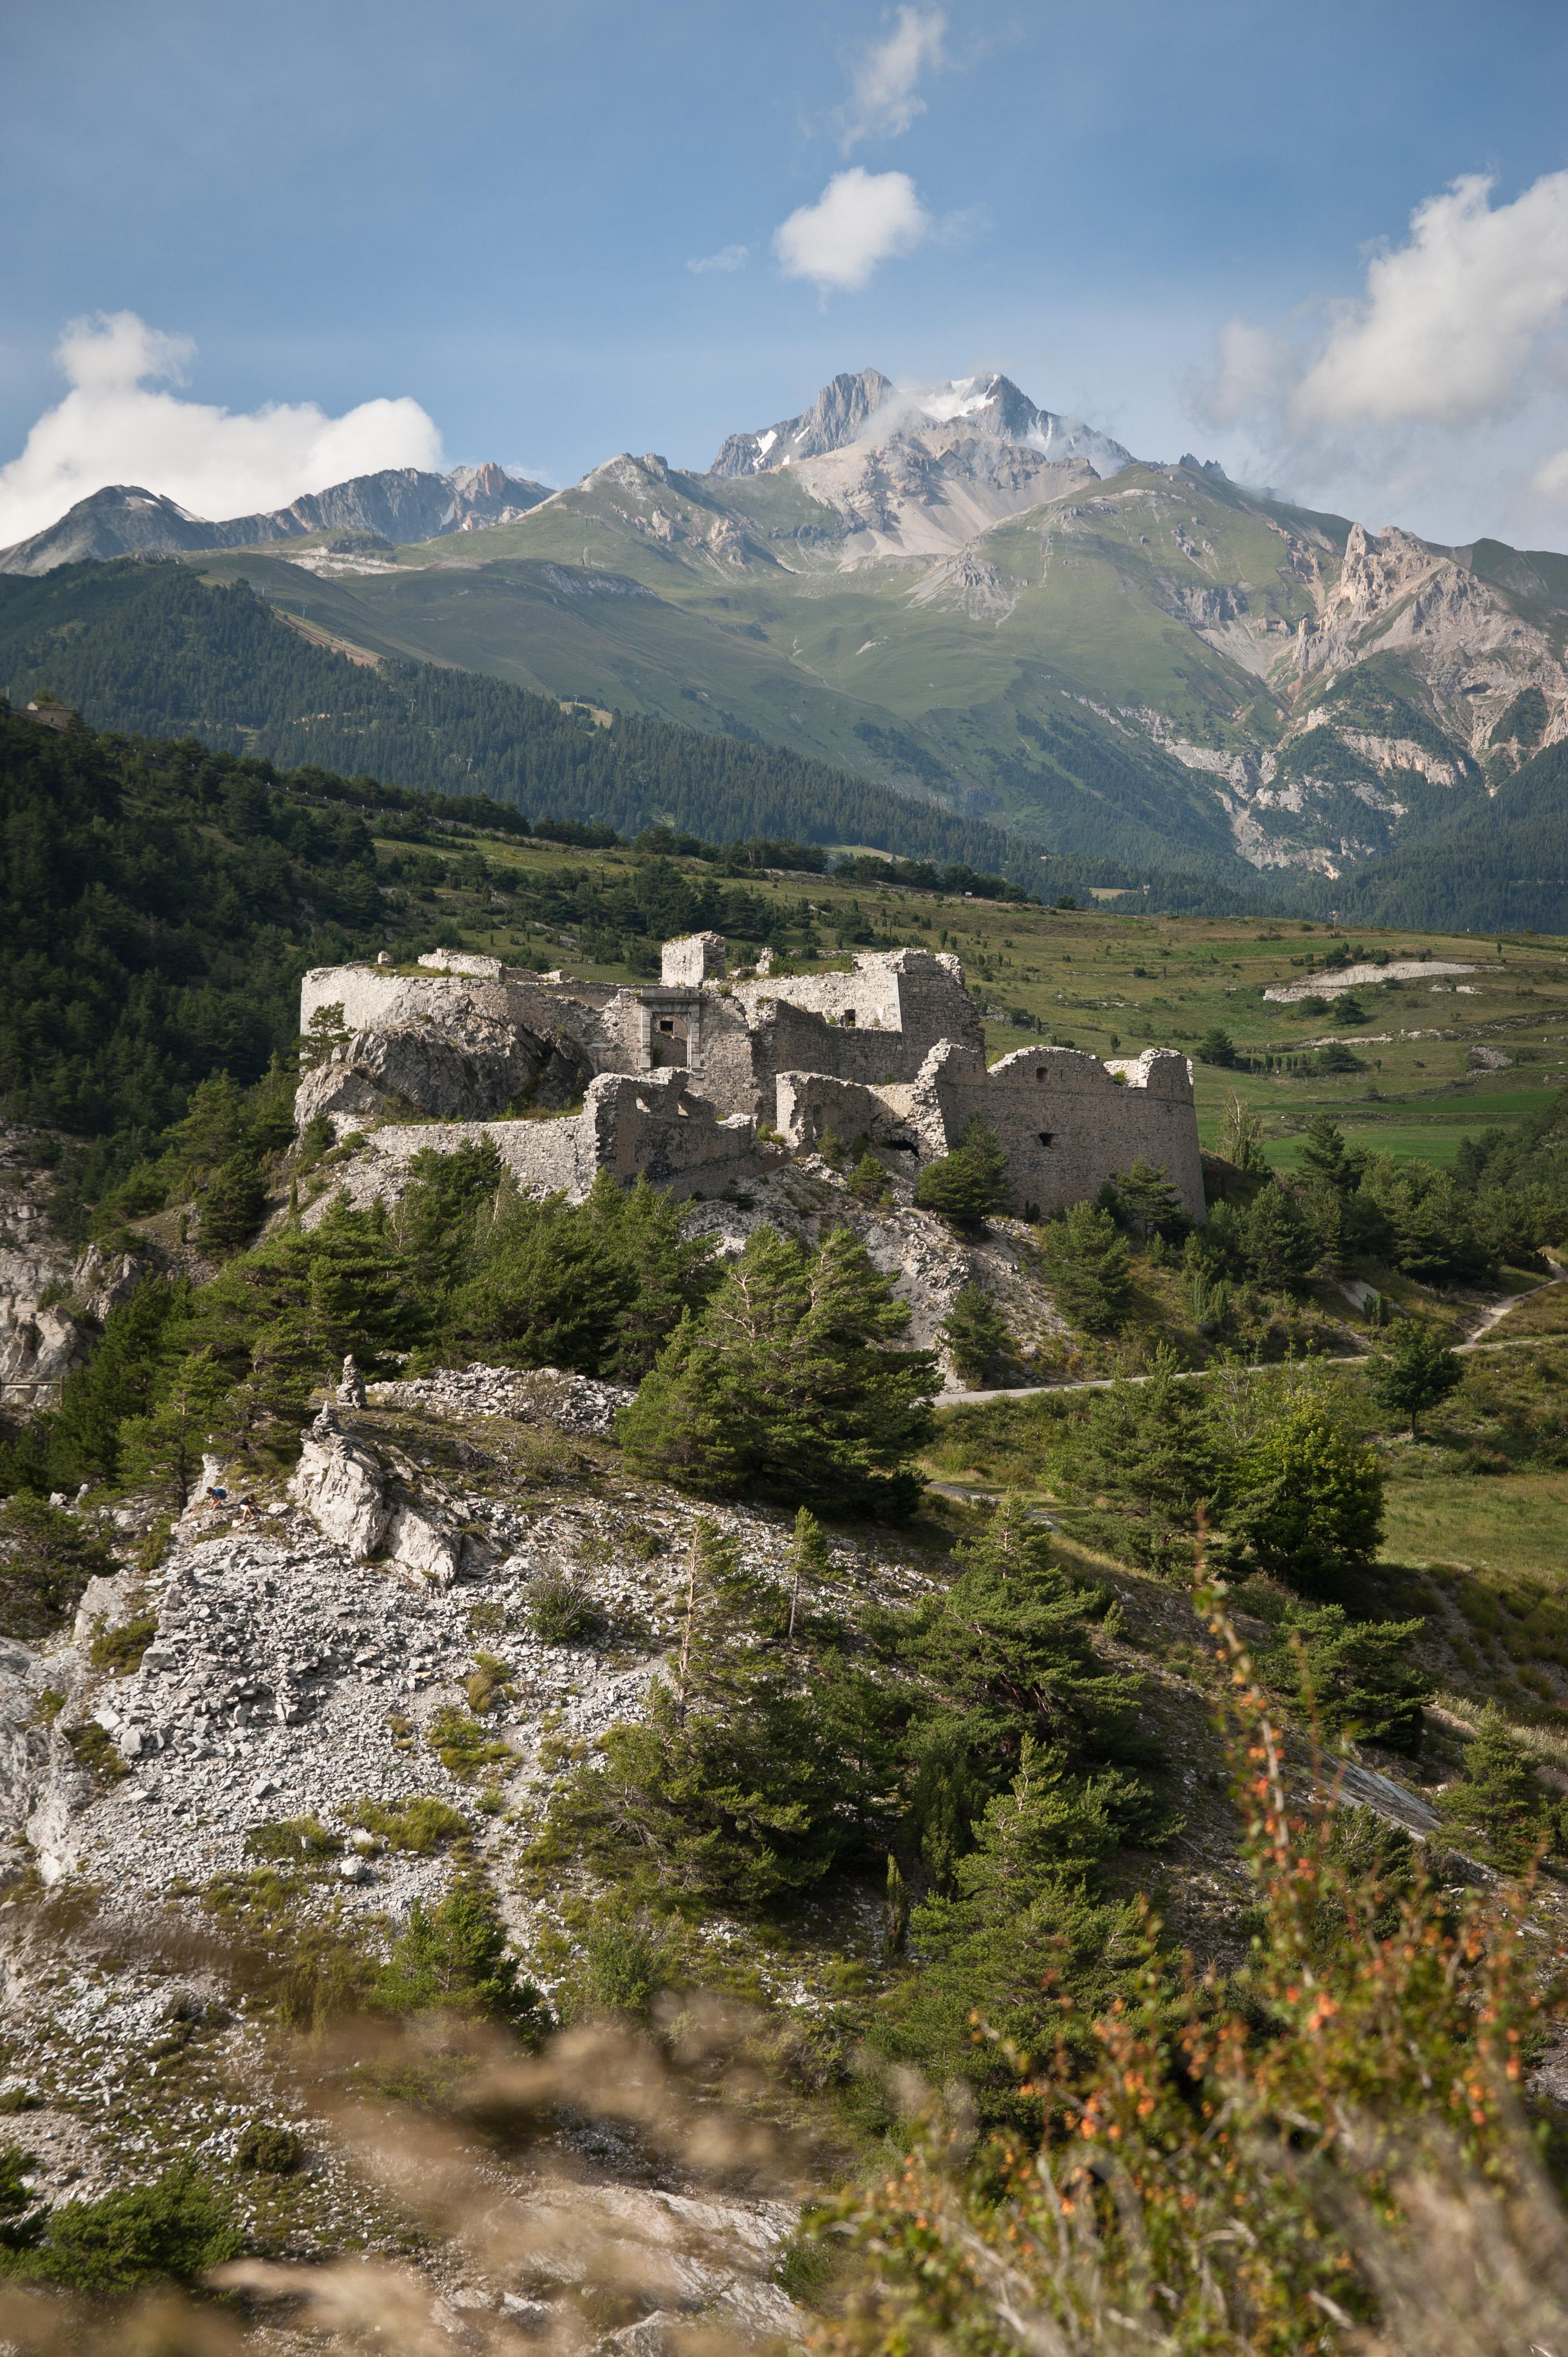 Les forts de l 39 esseillon savoie mont blanc savoie et haute savoie alpes - Office de tourisme aussois ...